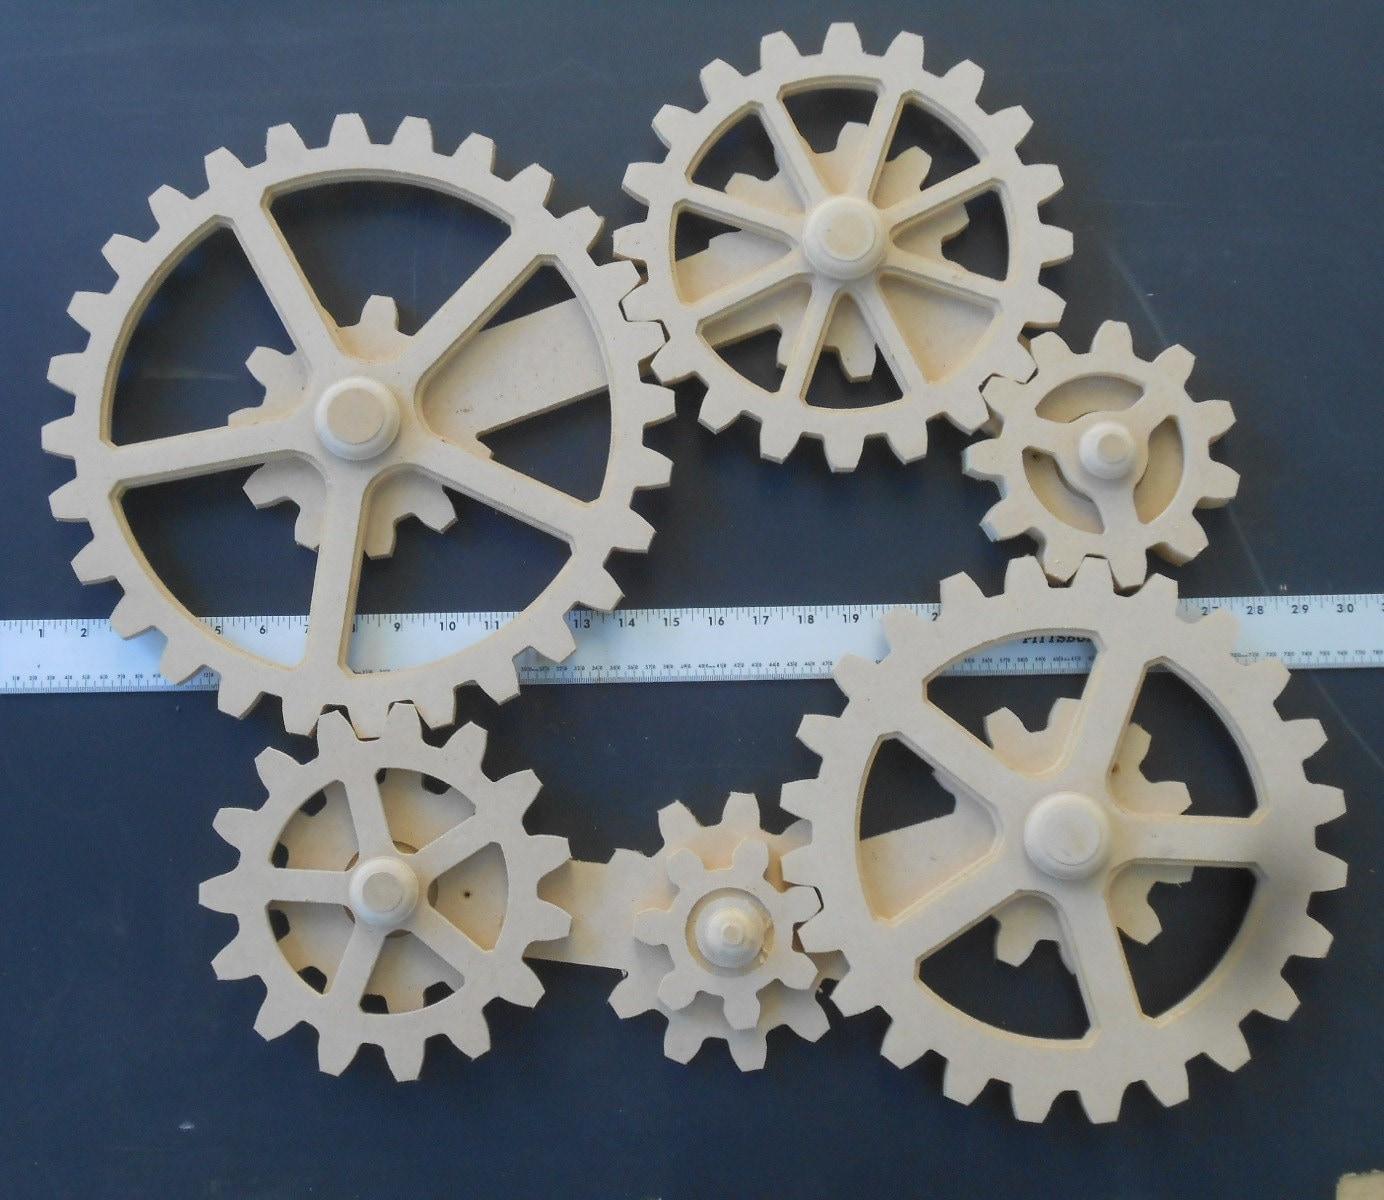 Gear Wall Decor working gears wood gears gear wall kinetic art steampunk